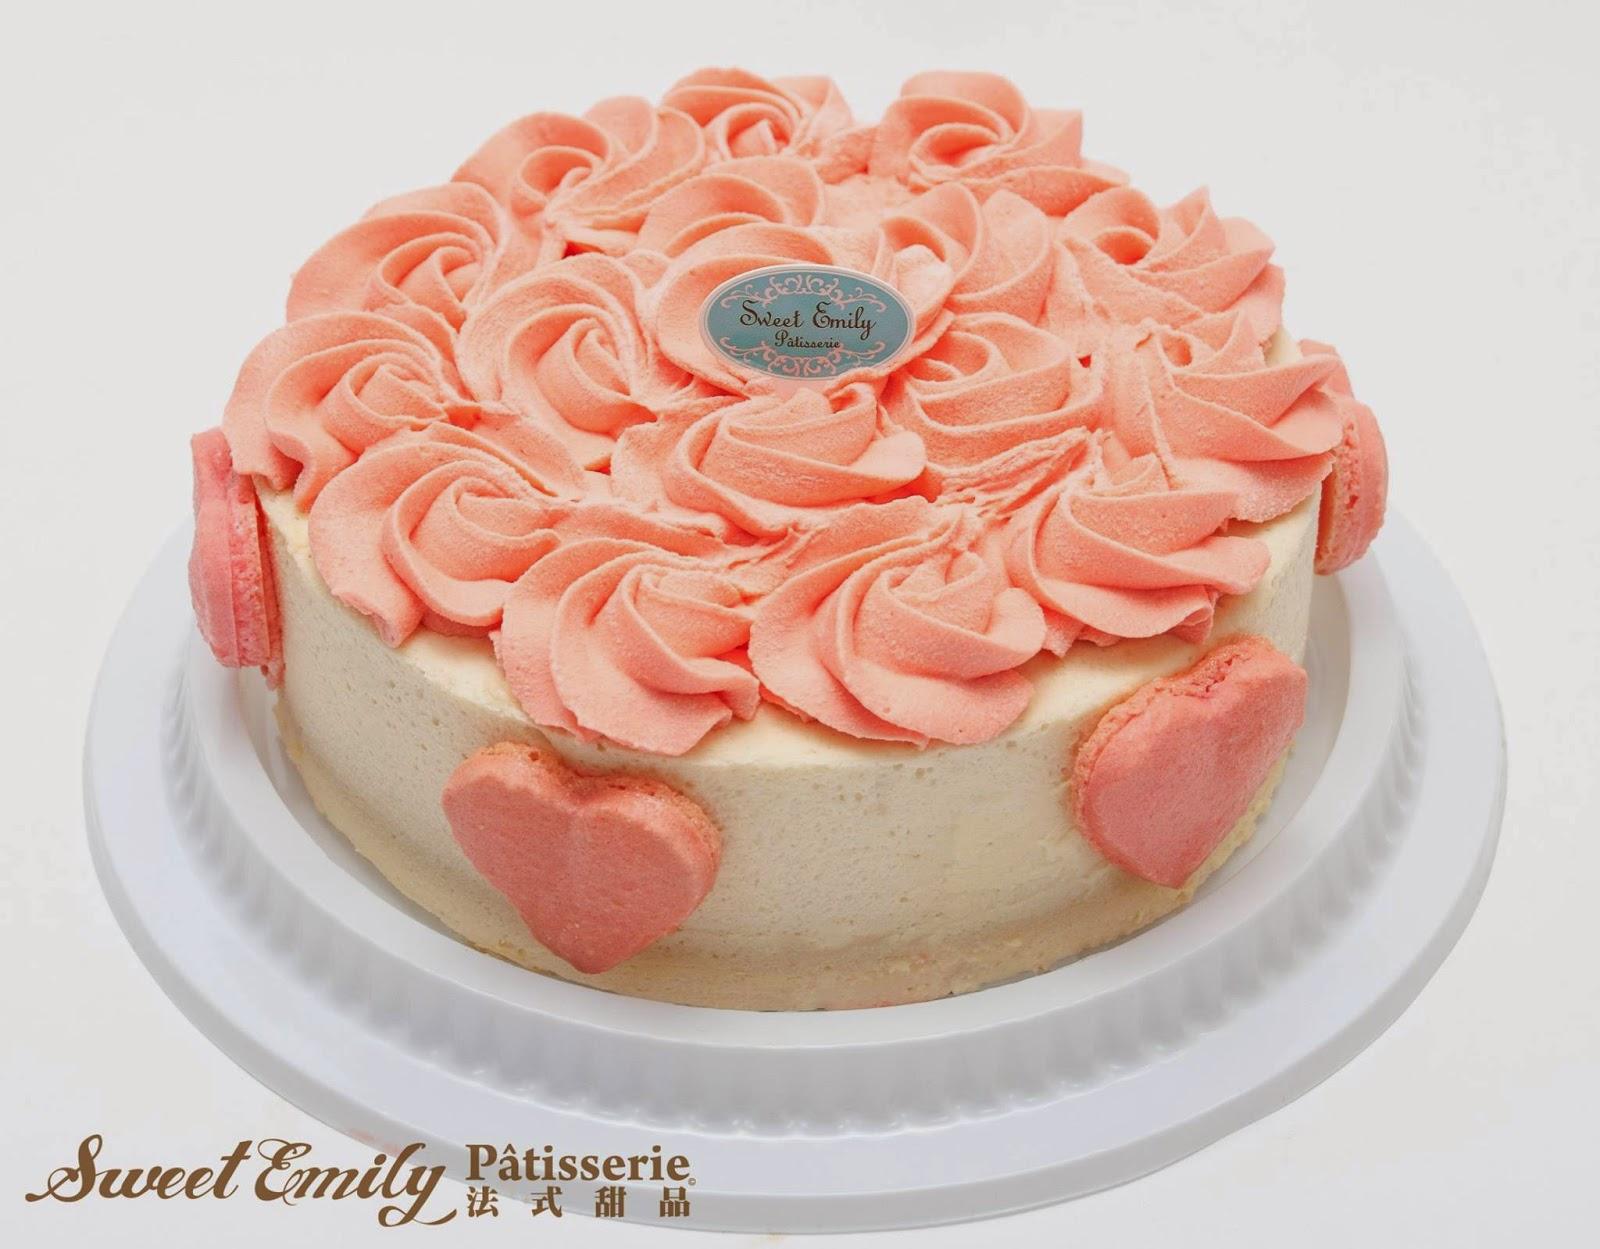 SweetEmily法式甜品 母親節蛋糕 馬卡龍 訂購 預購 評價 哪裡買 優惠